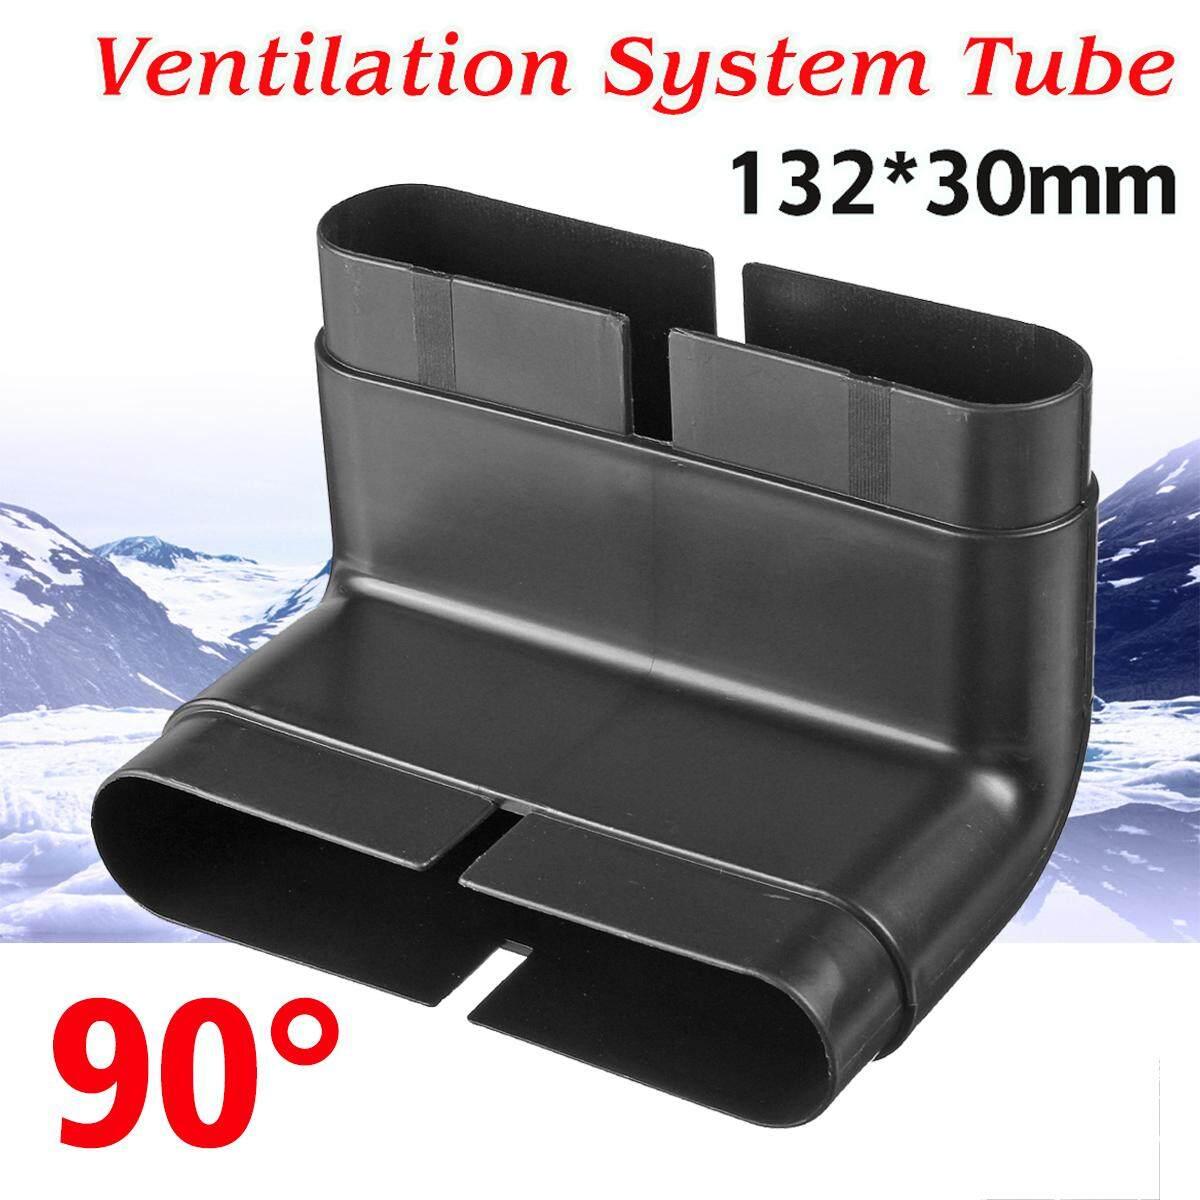 Bảng giá 90 ° uốn cong Đầu Nối Ống 132x30mm Ống Ống NHỰA PVC Thông Thoáng Không Khí Hệ Thống Ống